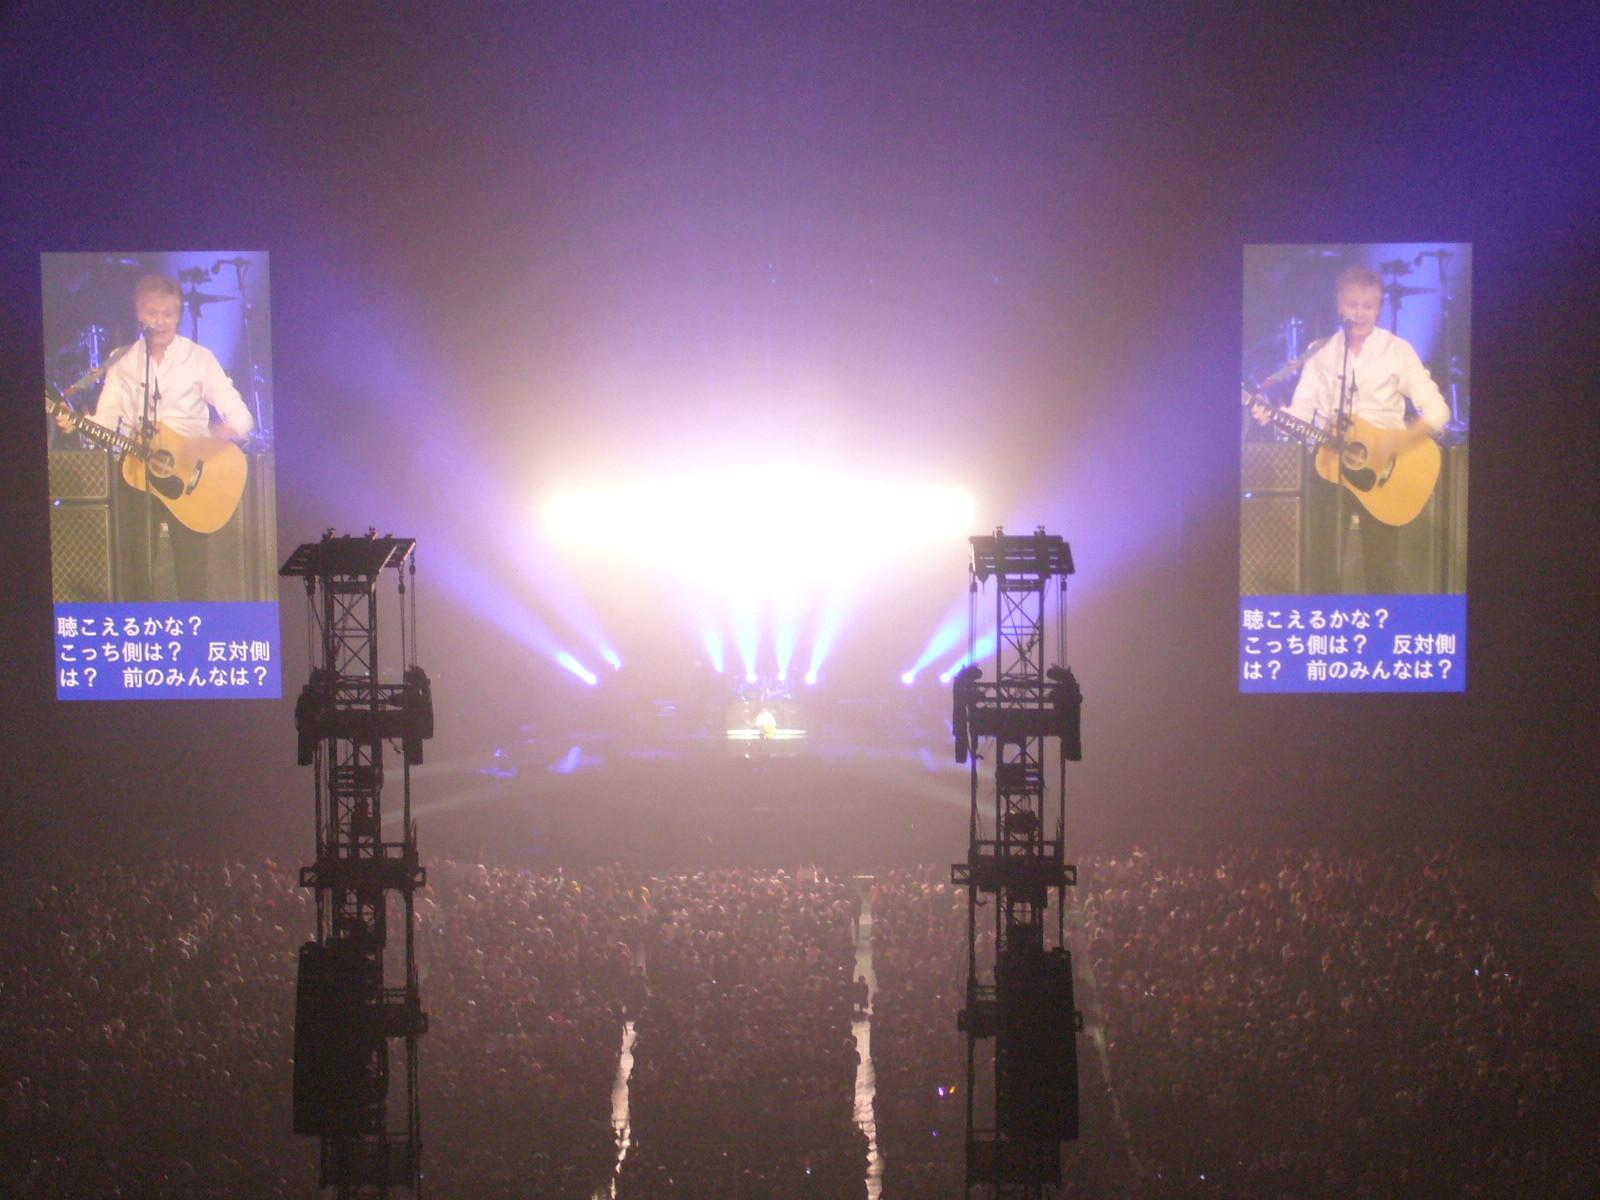 11/1 ポール・マッカートニー・フレッシュン・アップ・ジャパン・ツアー 2018@東京ドーム 席色々 Revison 2_b0042308_10363328.jpg